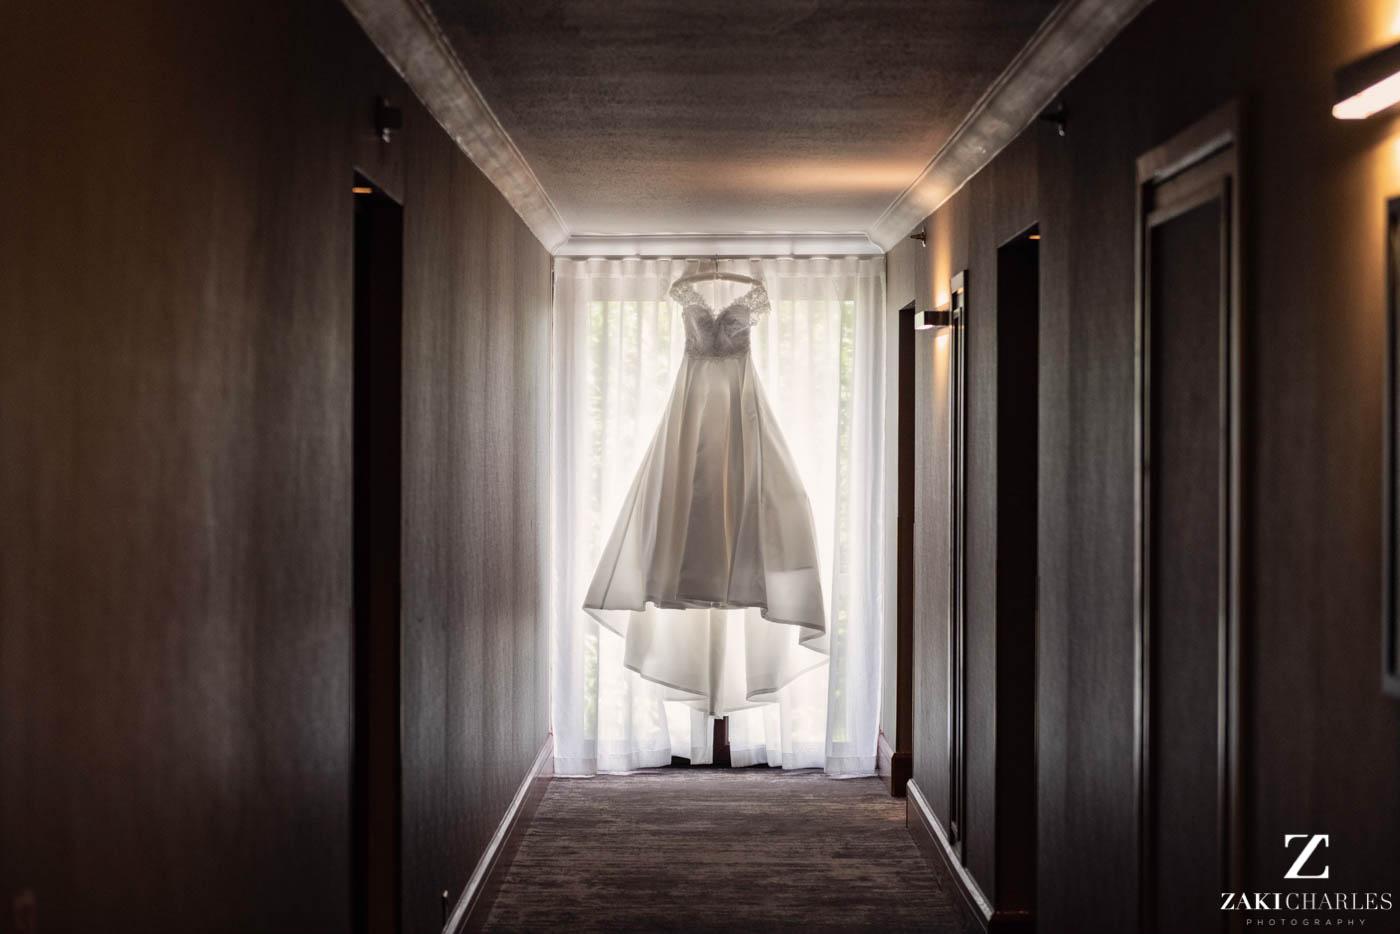 Dress of the bride hanging in Marriott Hotel Regents Park